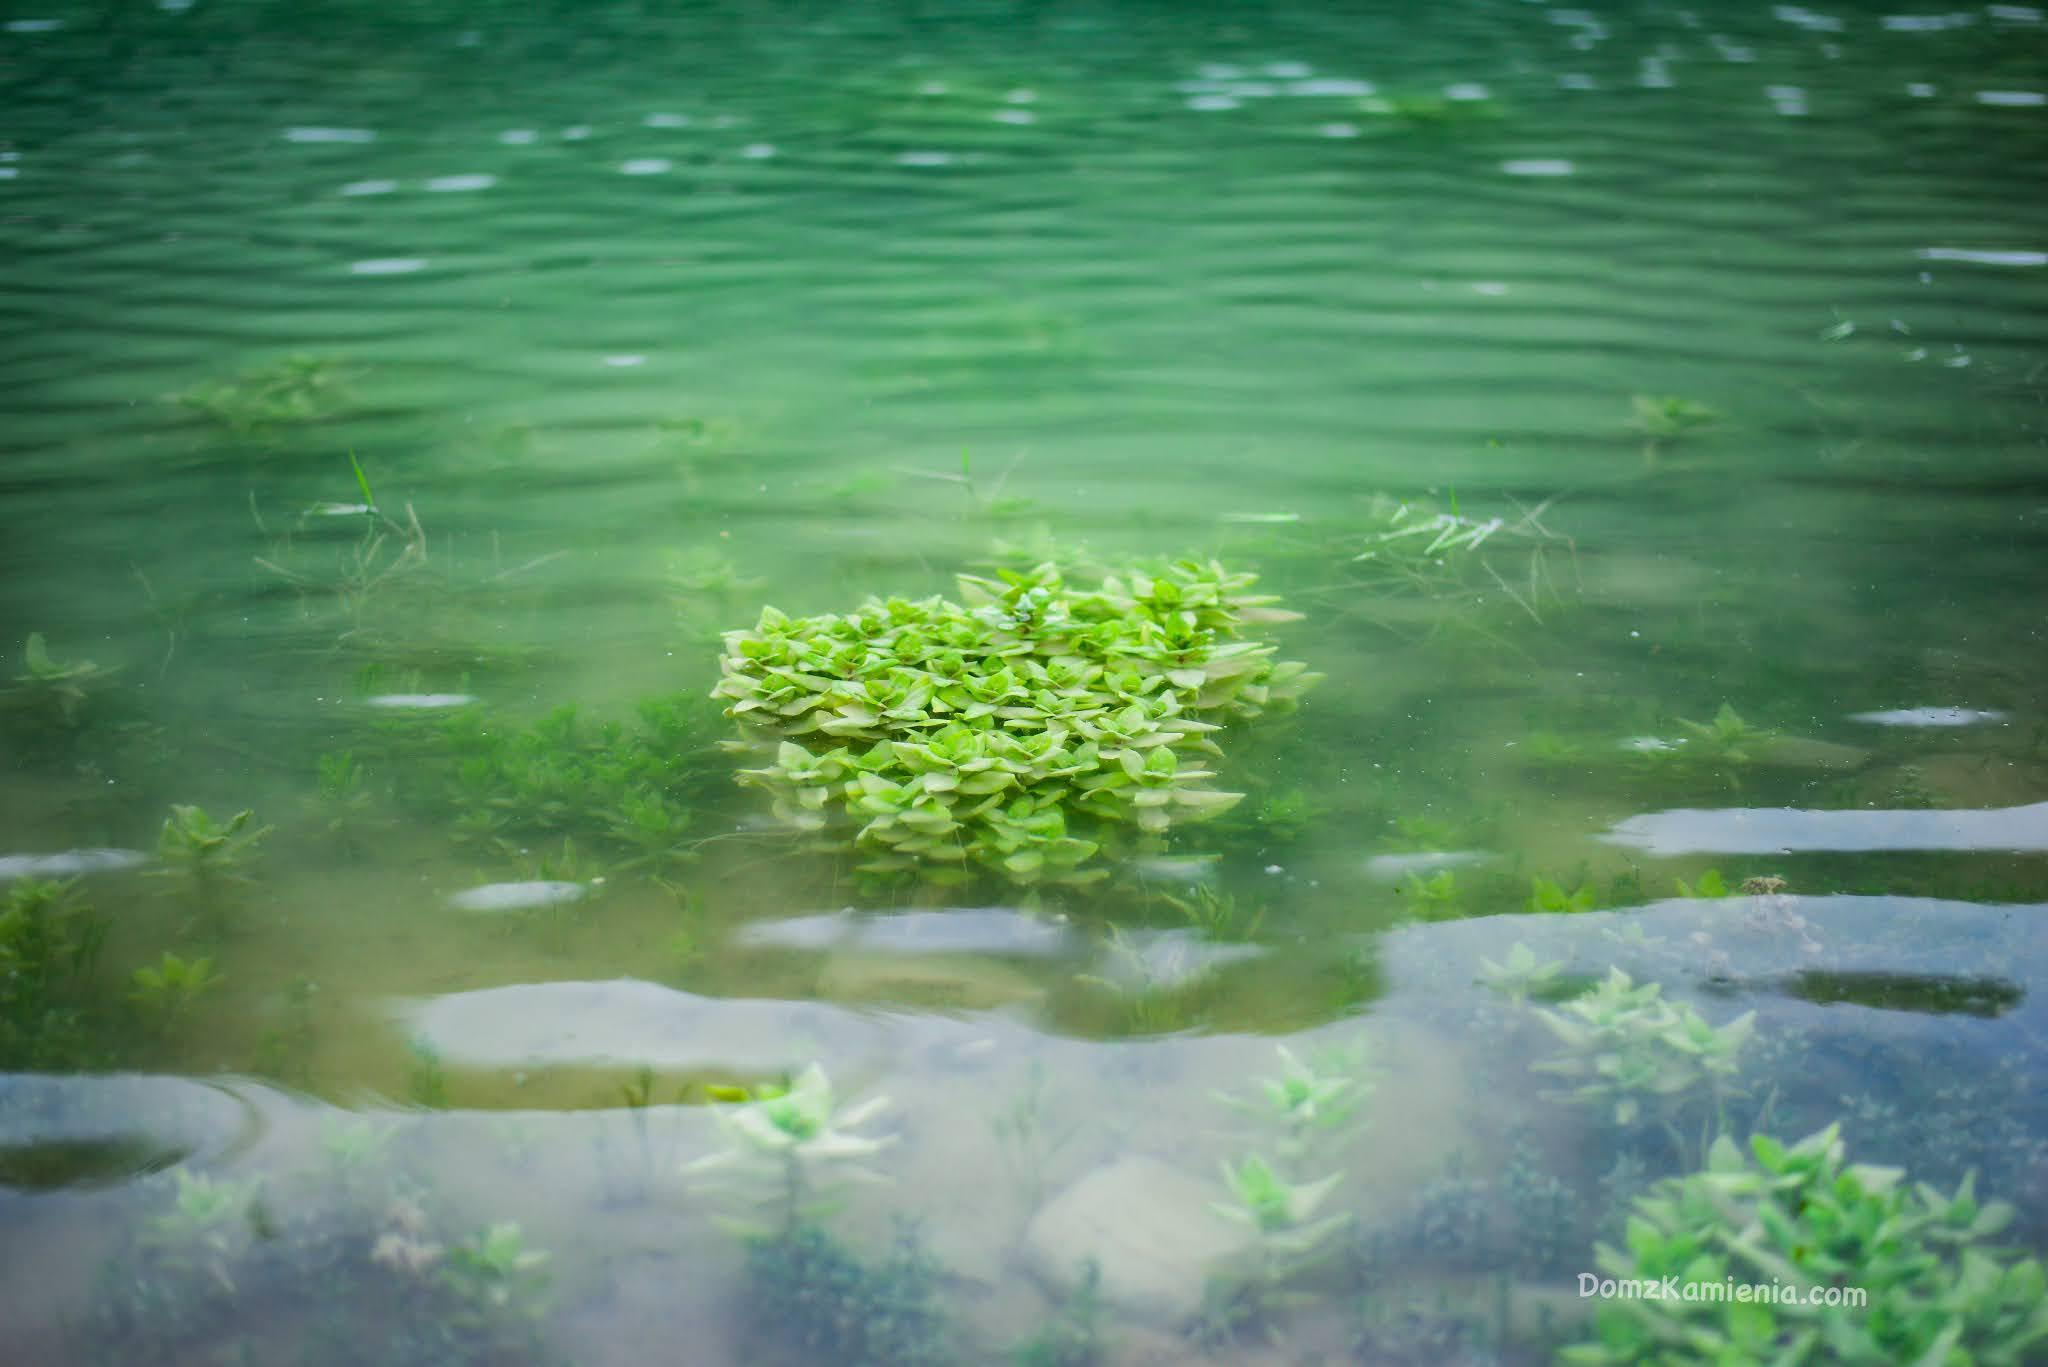 Lago di Bracanello - Dom z Kamienia blog